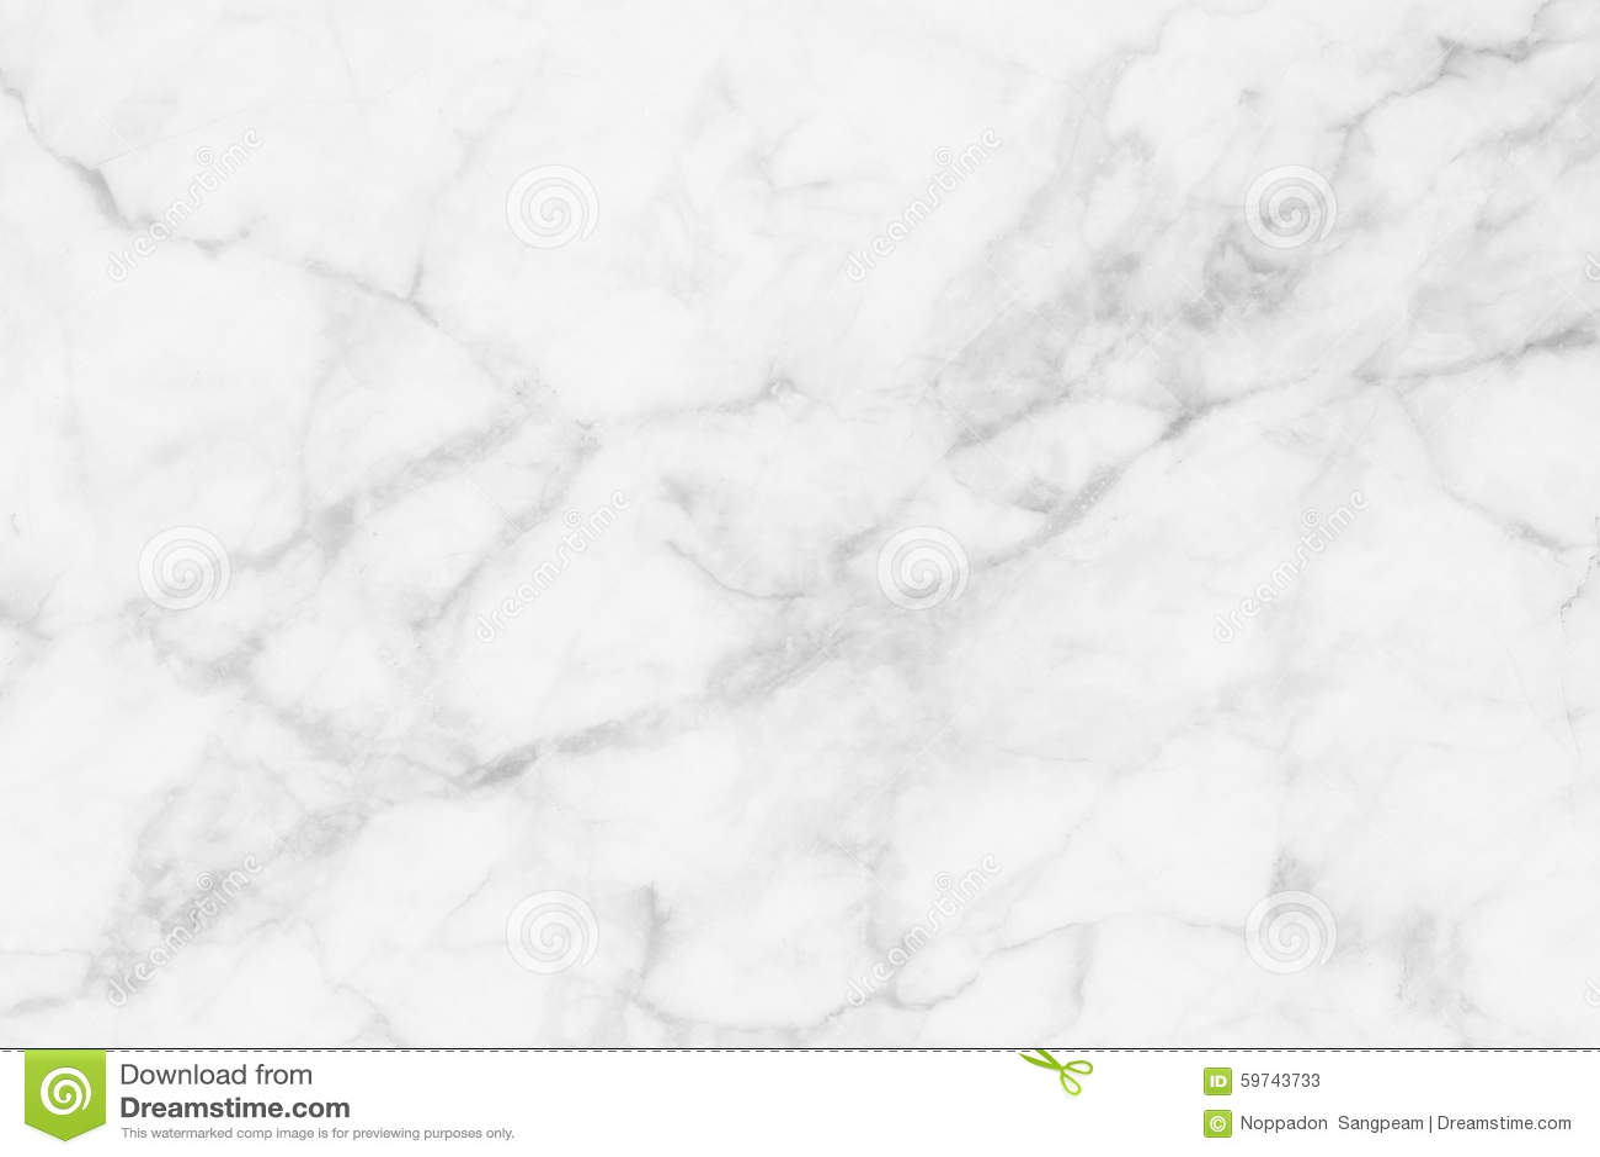 fond de marbre blanc de texture structure d taill e de marbre dans naturel model pour la. Black Bedroom Furniture Sets. Home Design Ideas